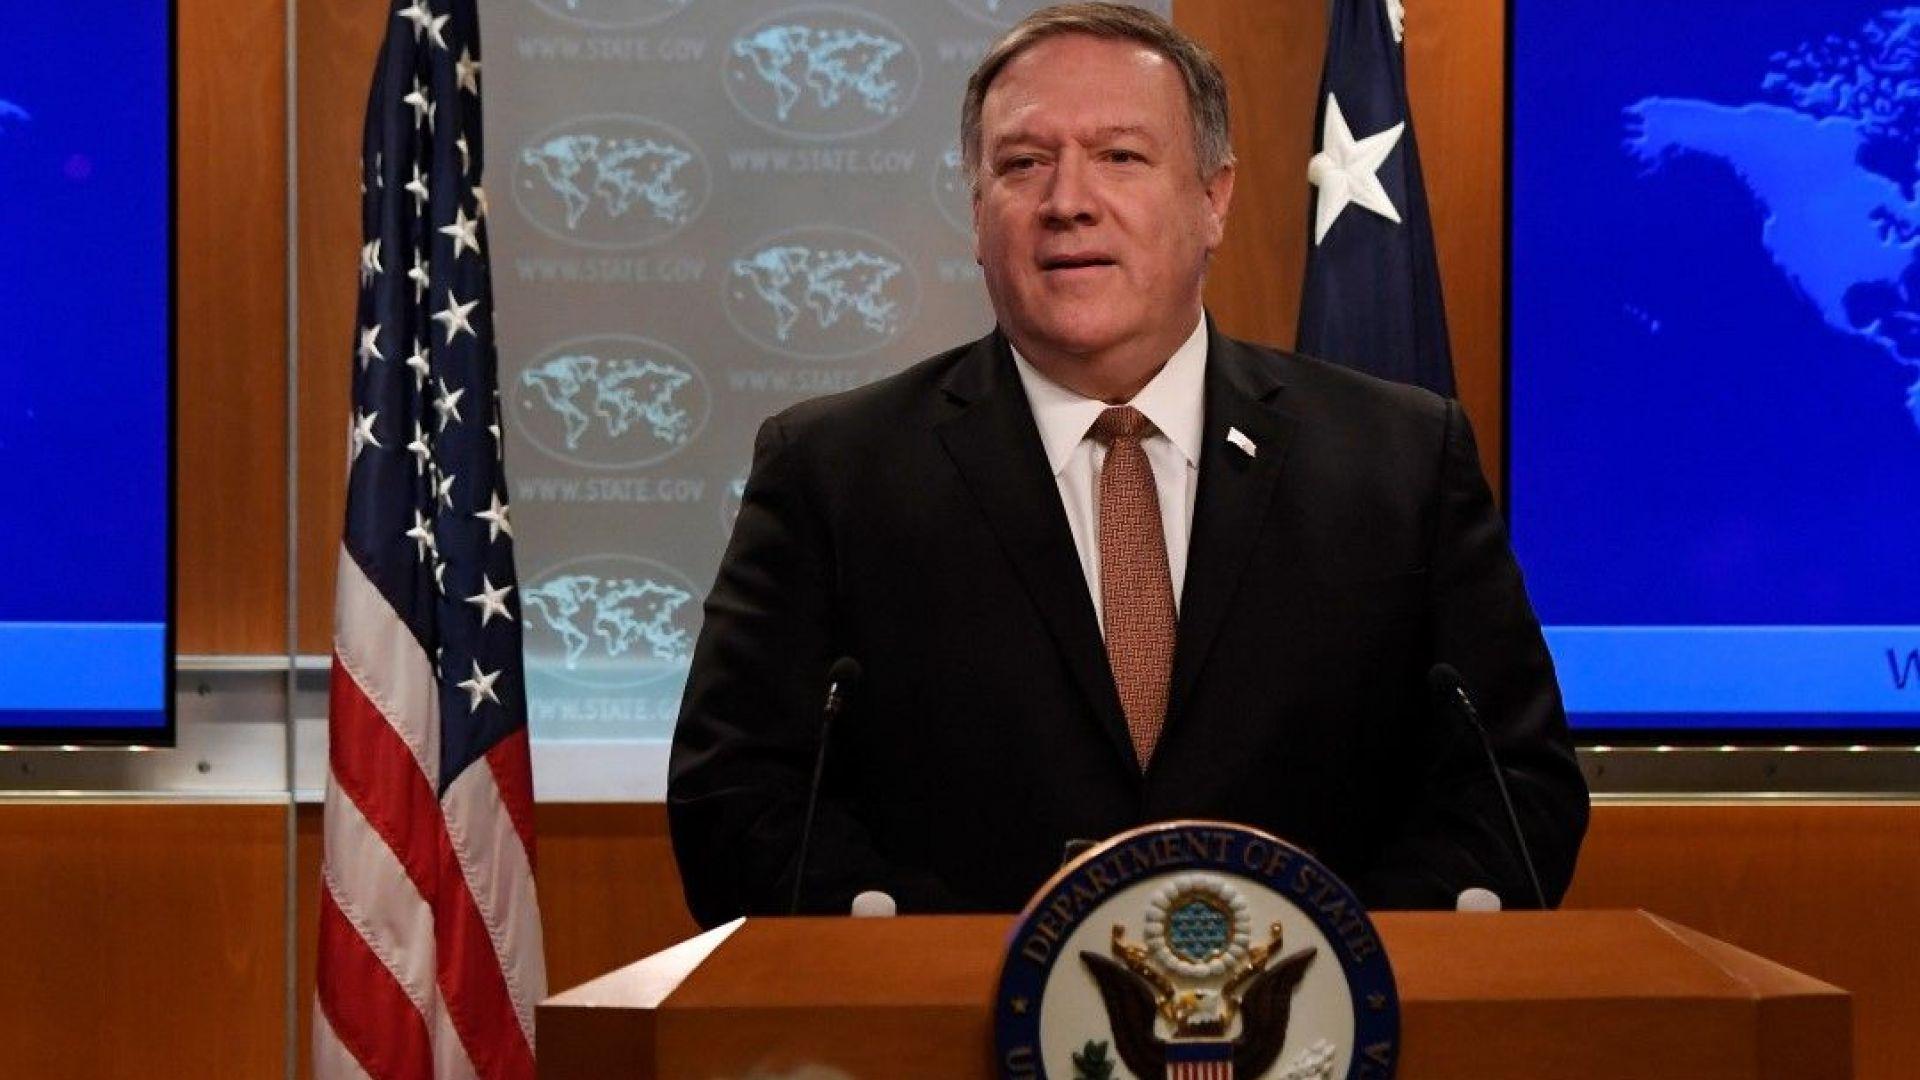 САЩ въвеждат визови санкции срещу служители на Международния наказателен съд